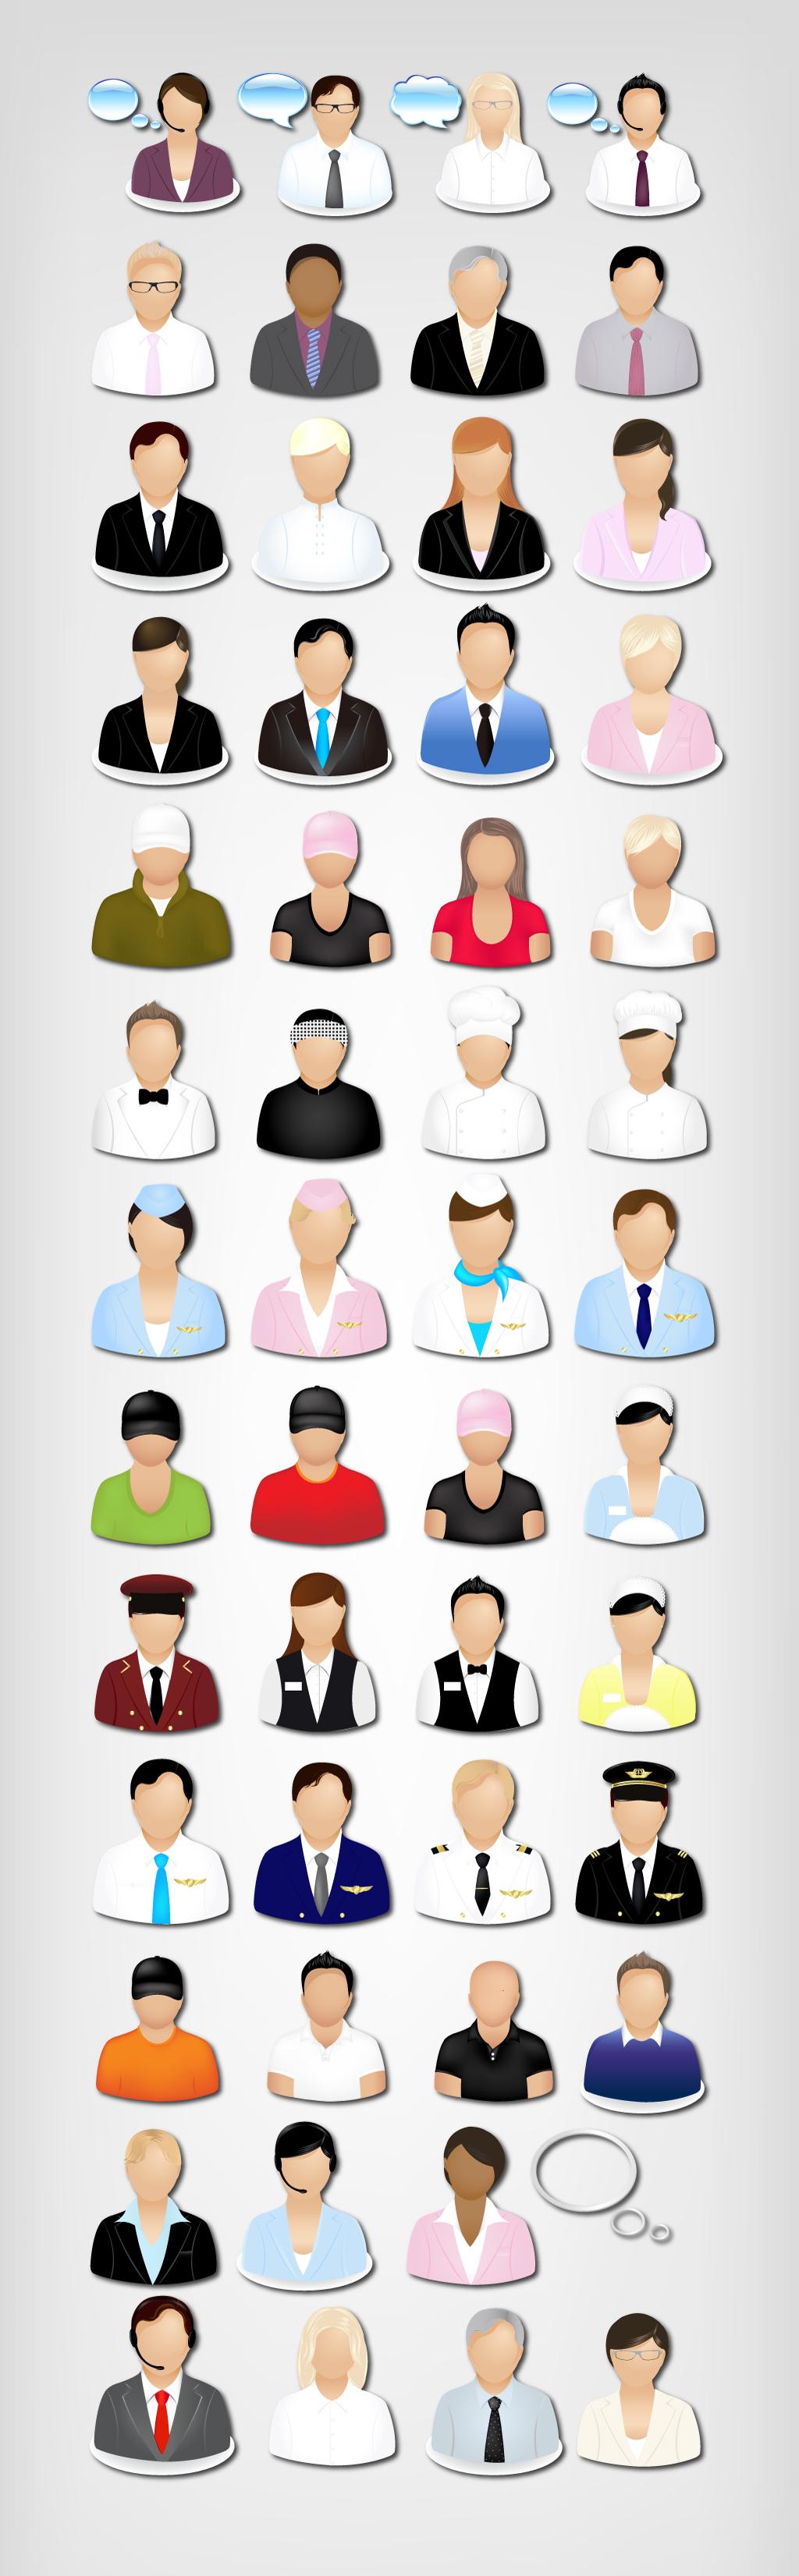 背景元素网站手机商务人士头像默认图标